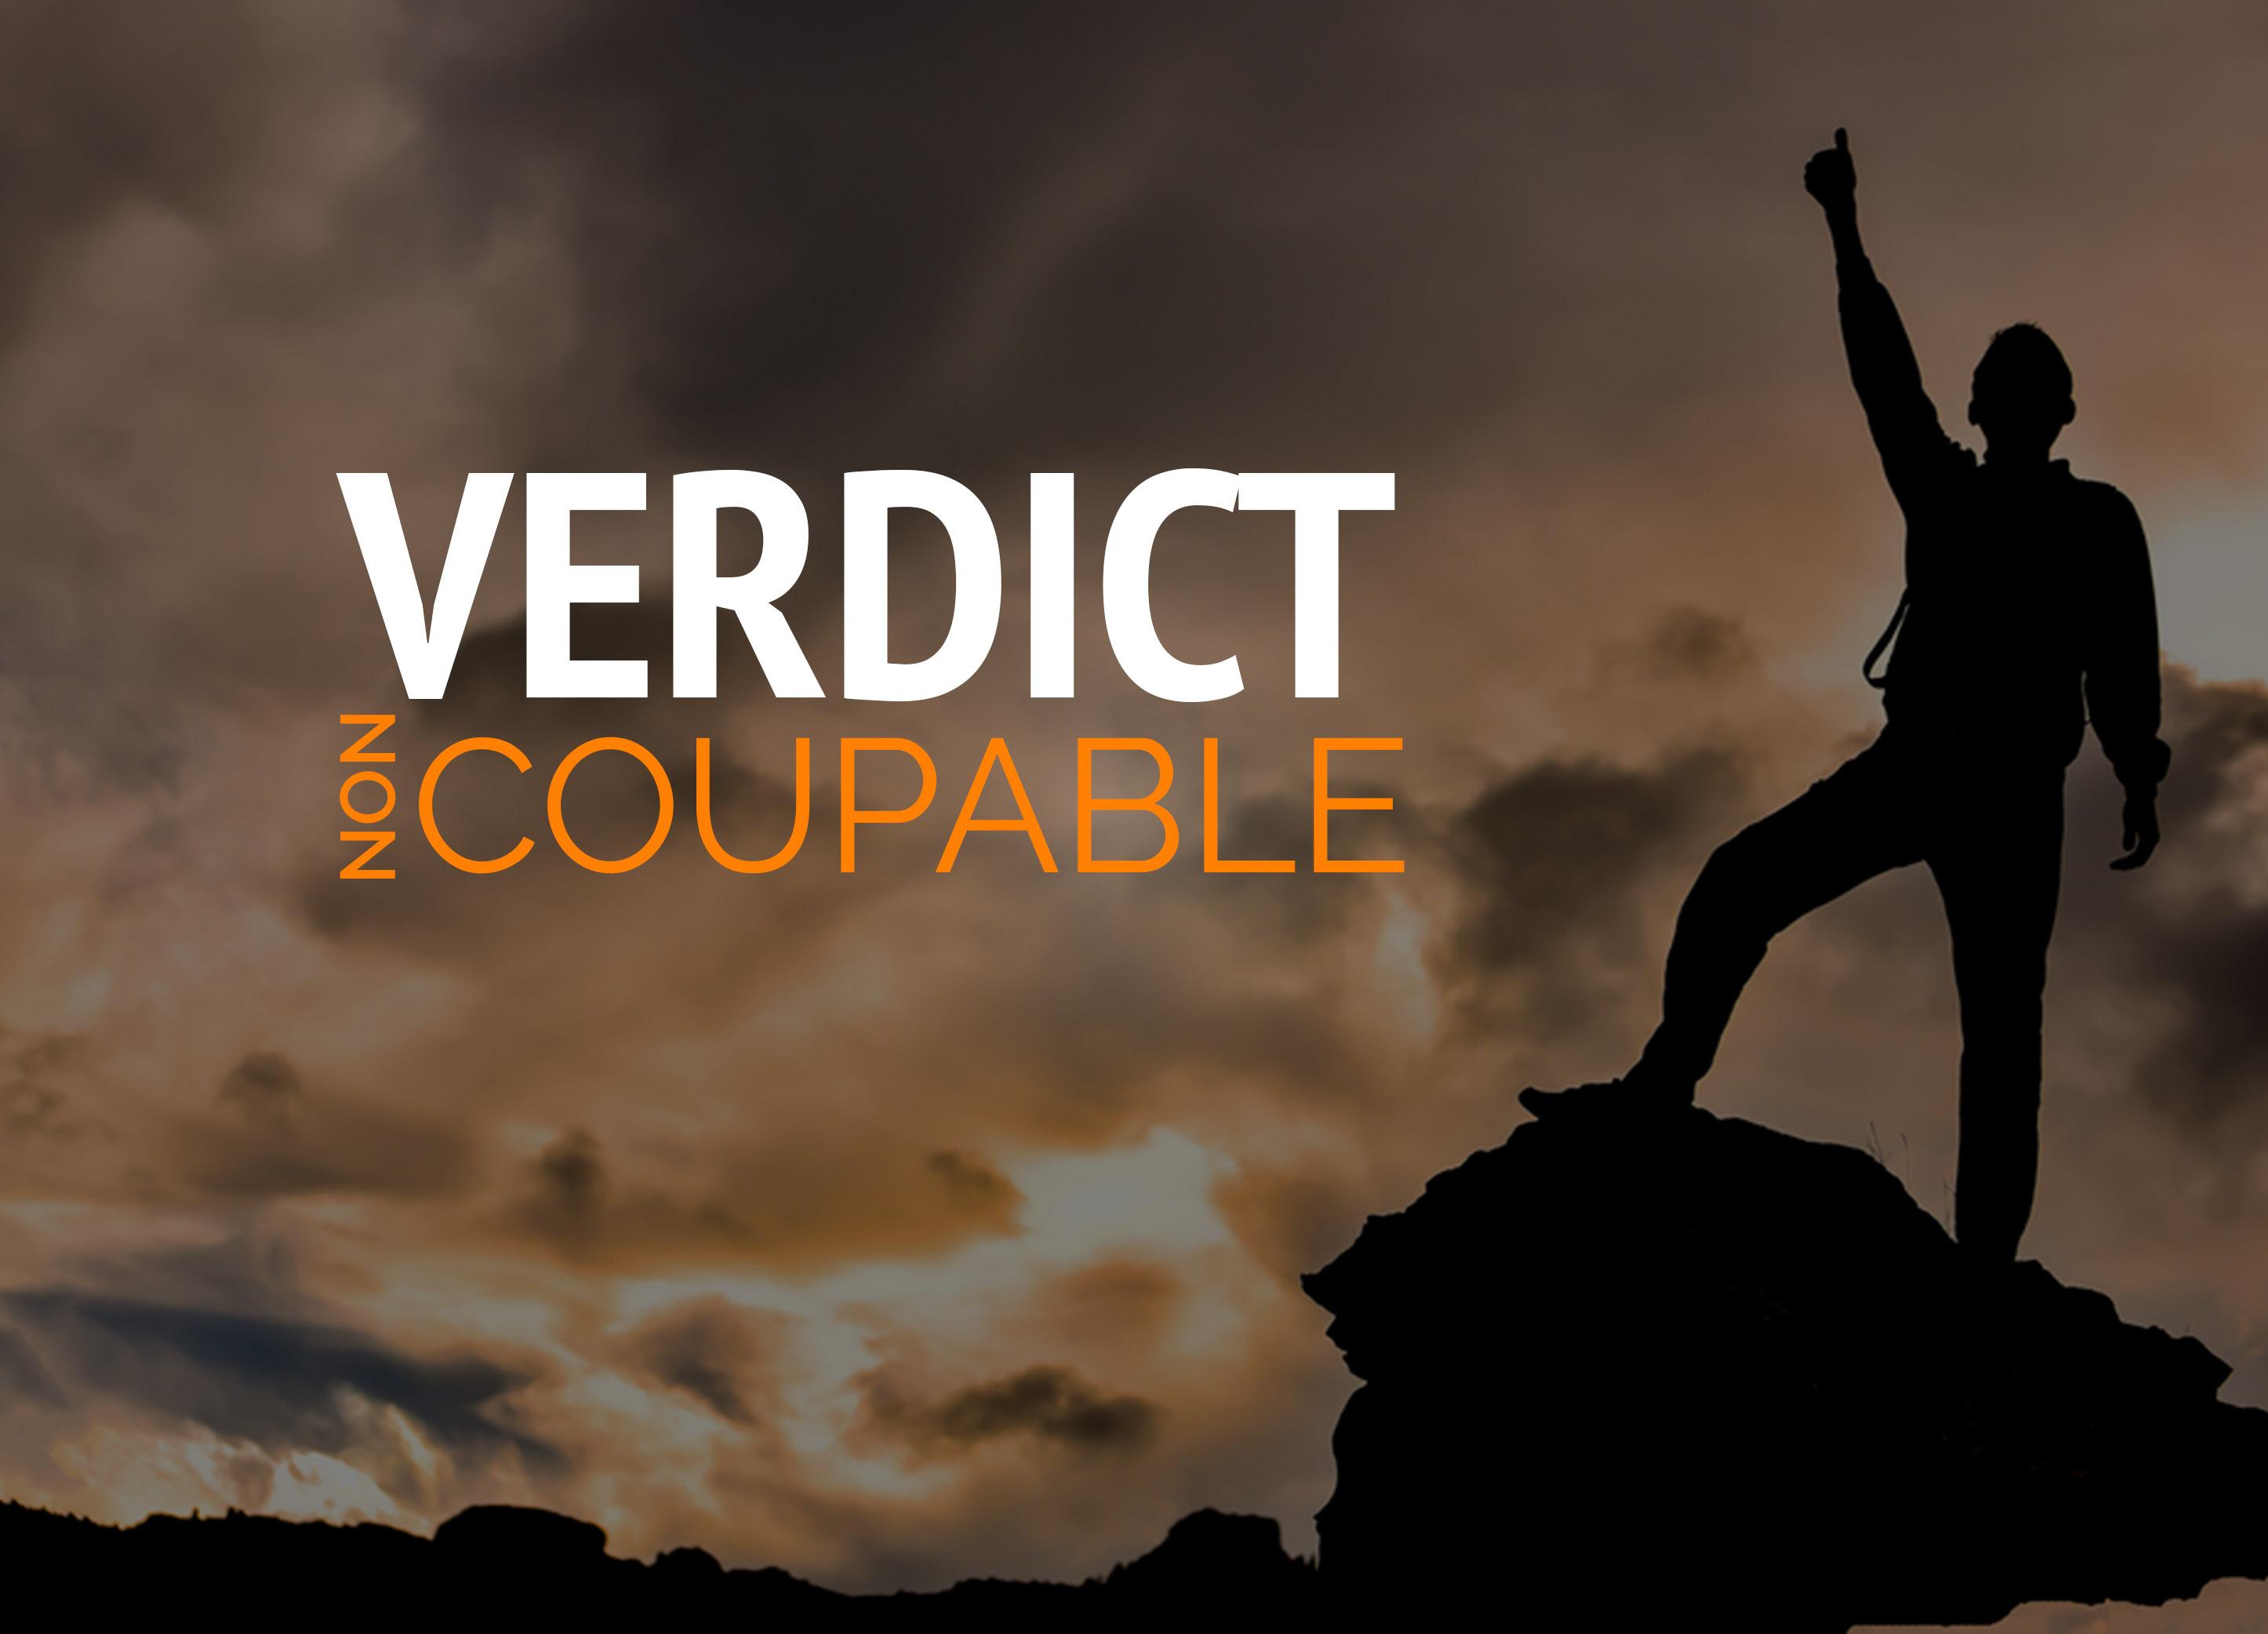 Verdict non coupable